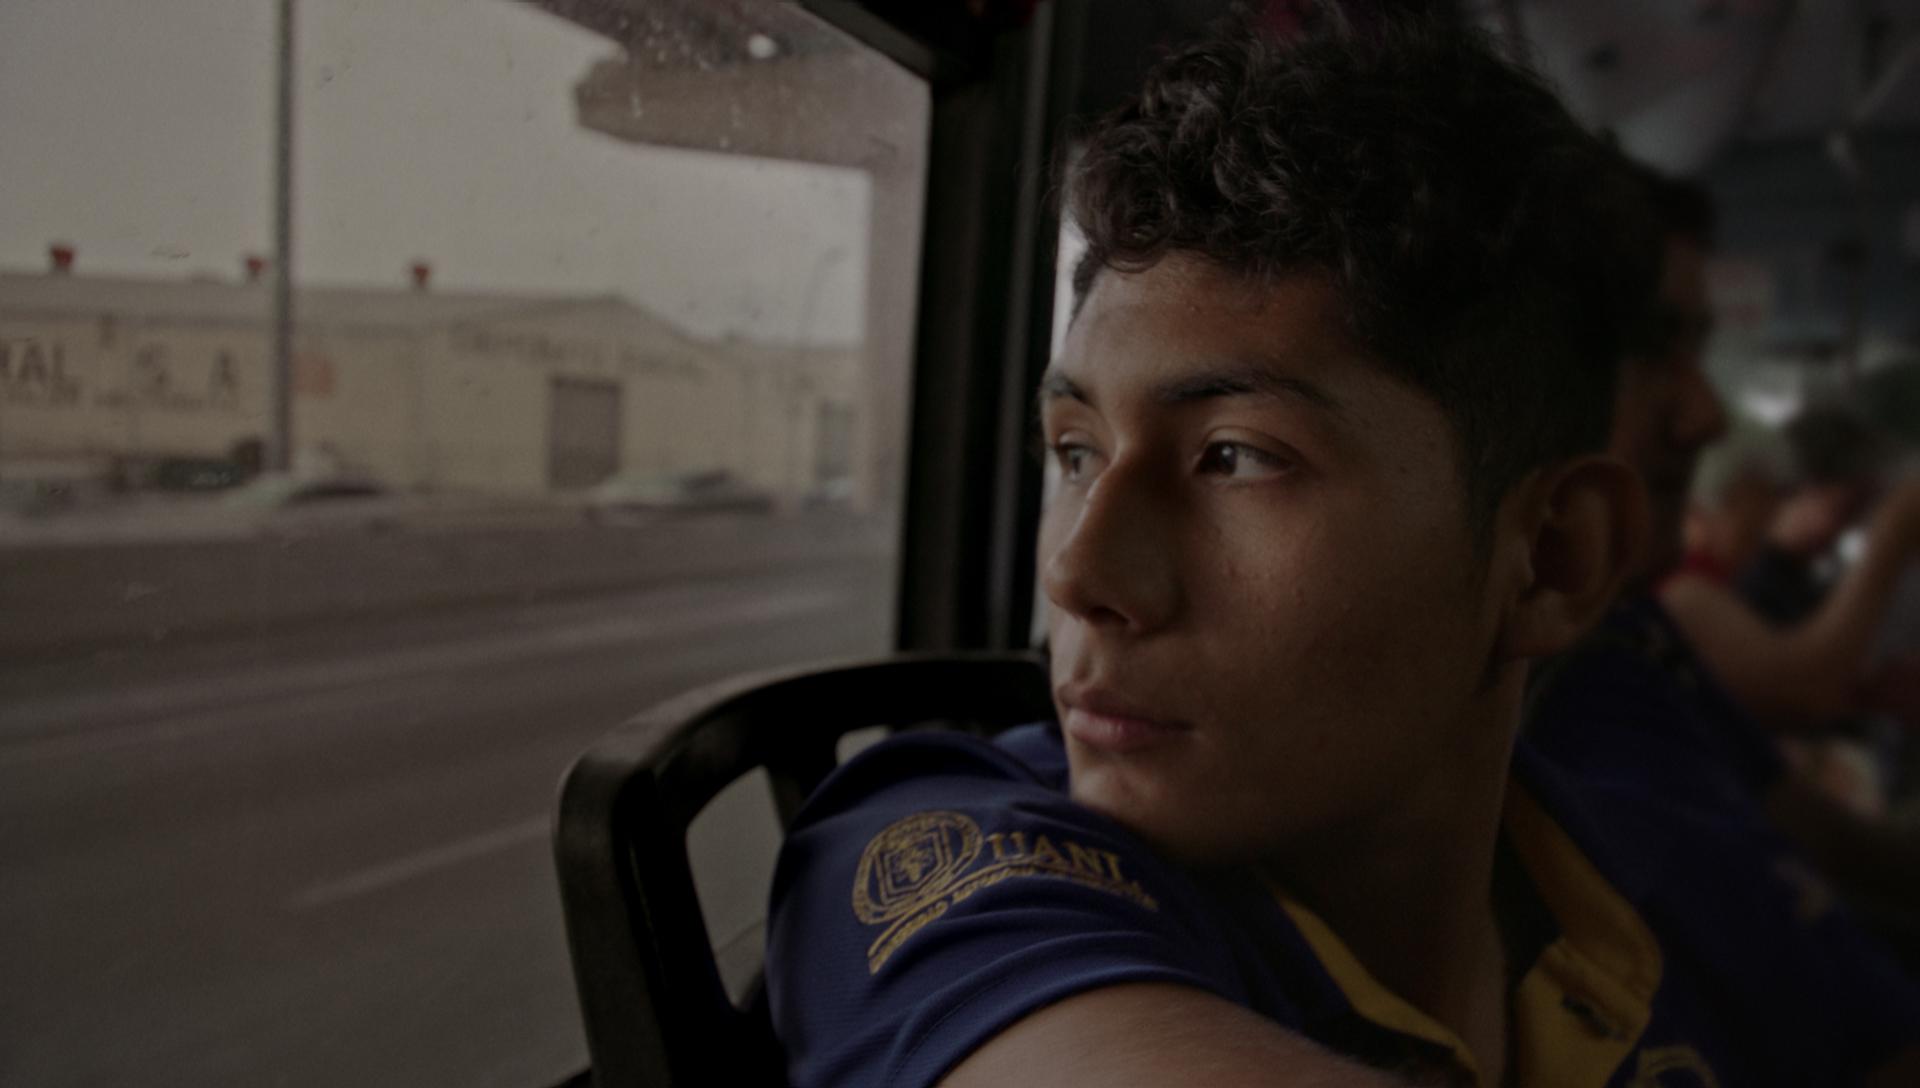 Jose_on the bus.jpg